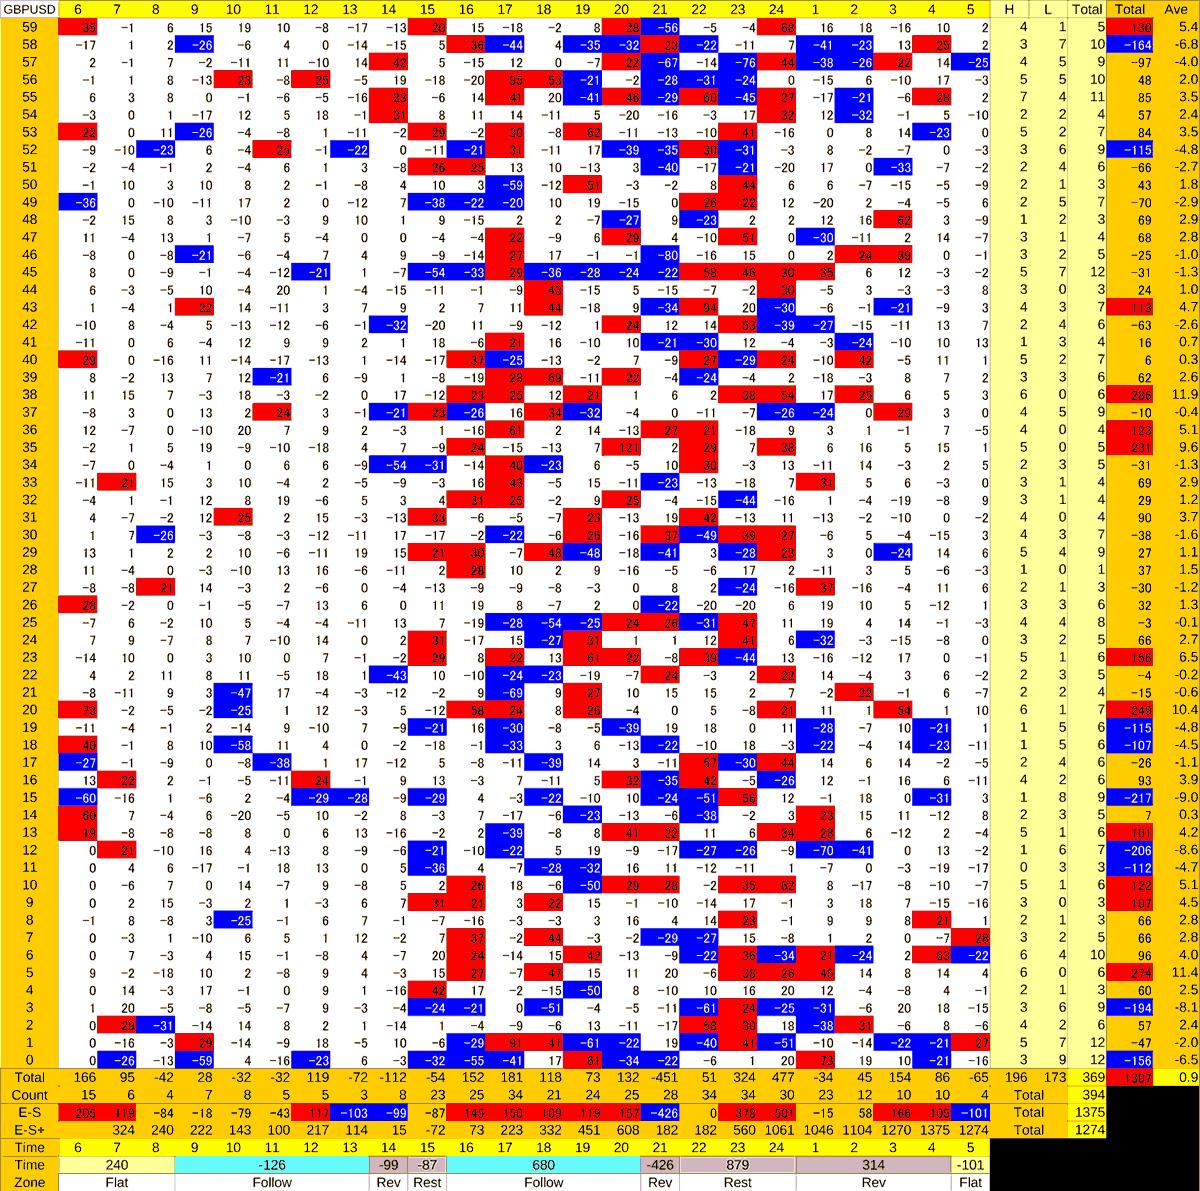 20200820_HS(2)GBPUSD